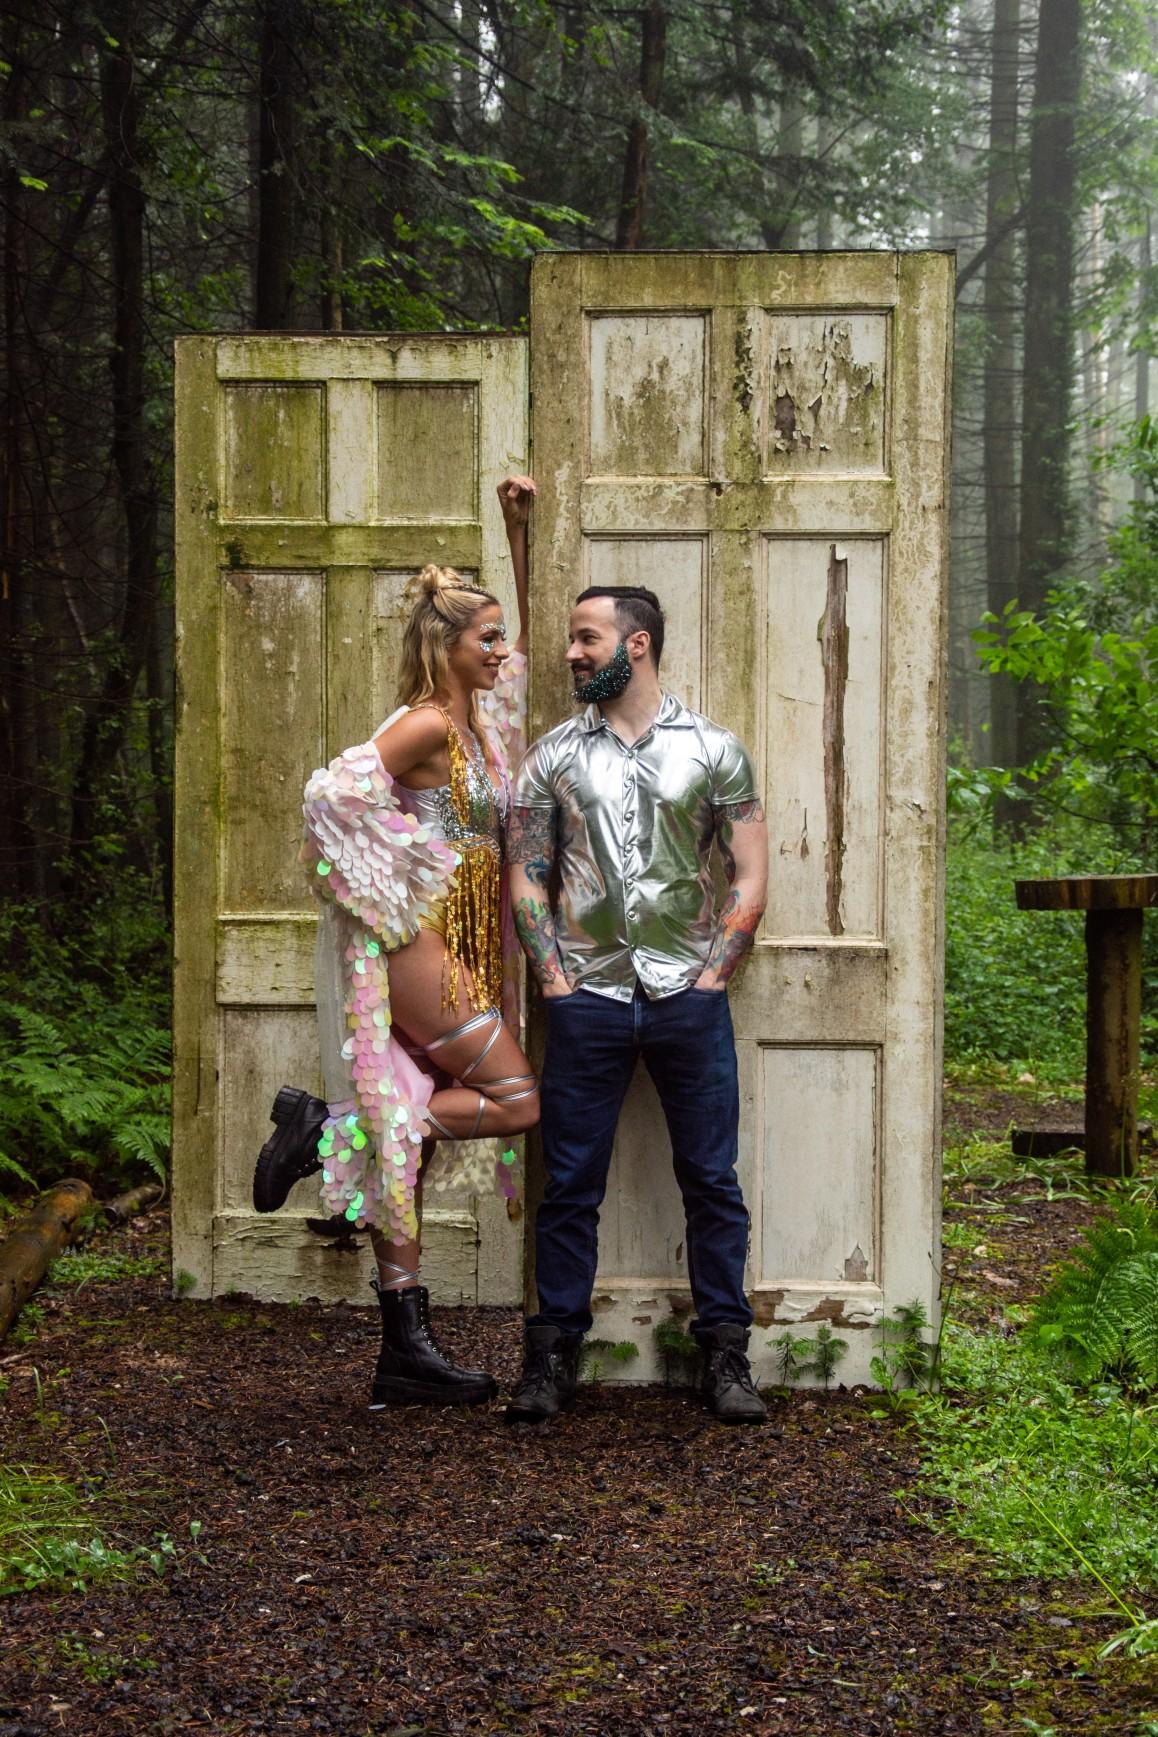 sparkly festival wedding - woodland wedding - festival wedding wear - unique wedding wear - festival wedding